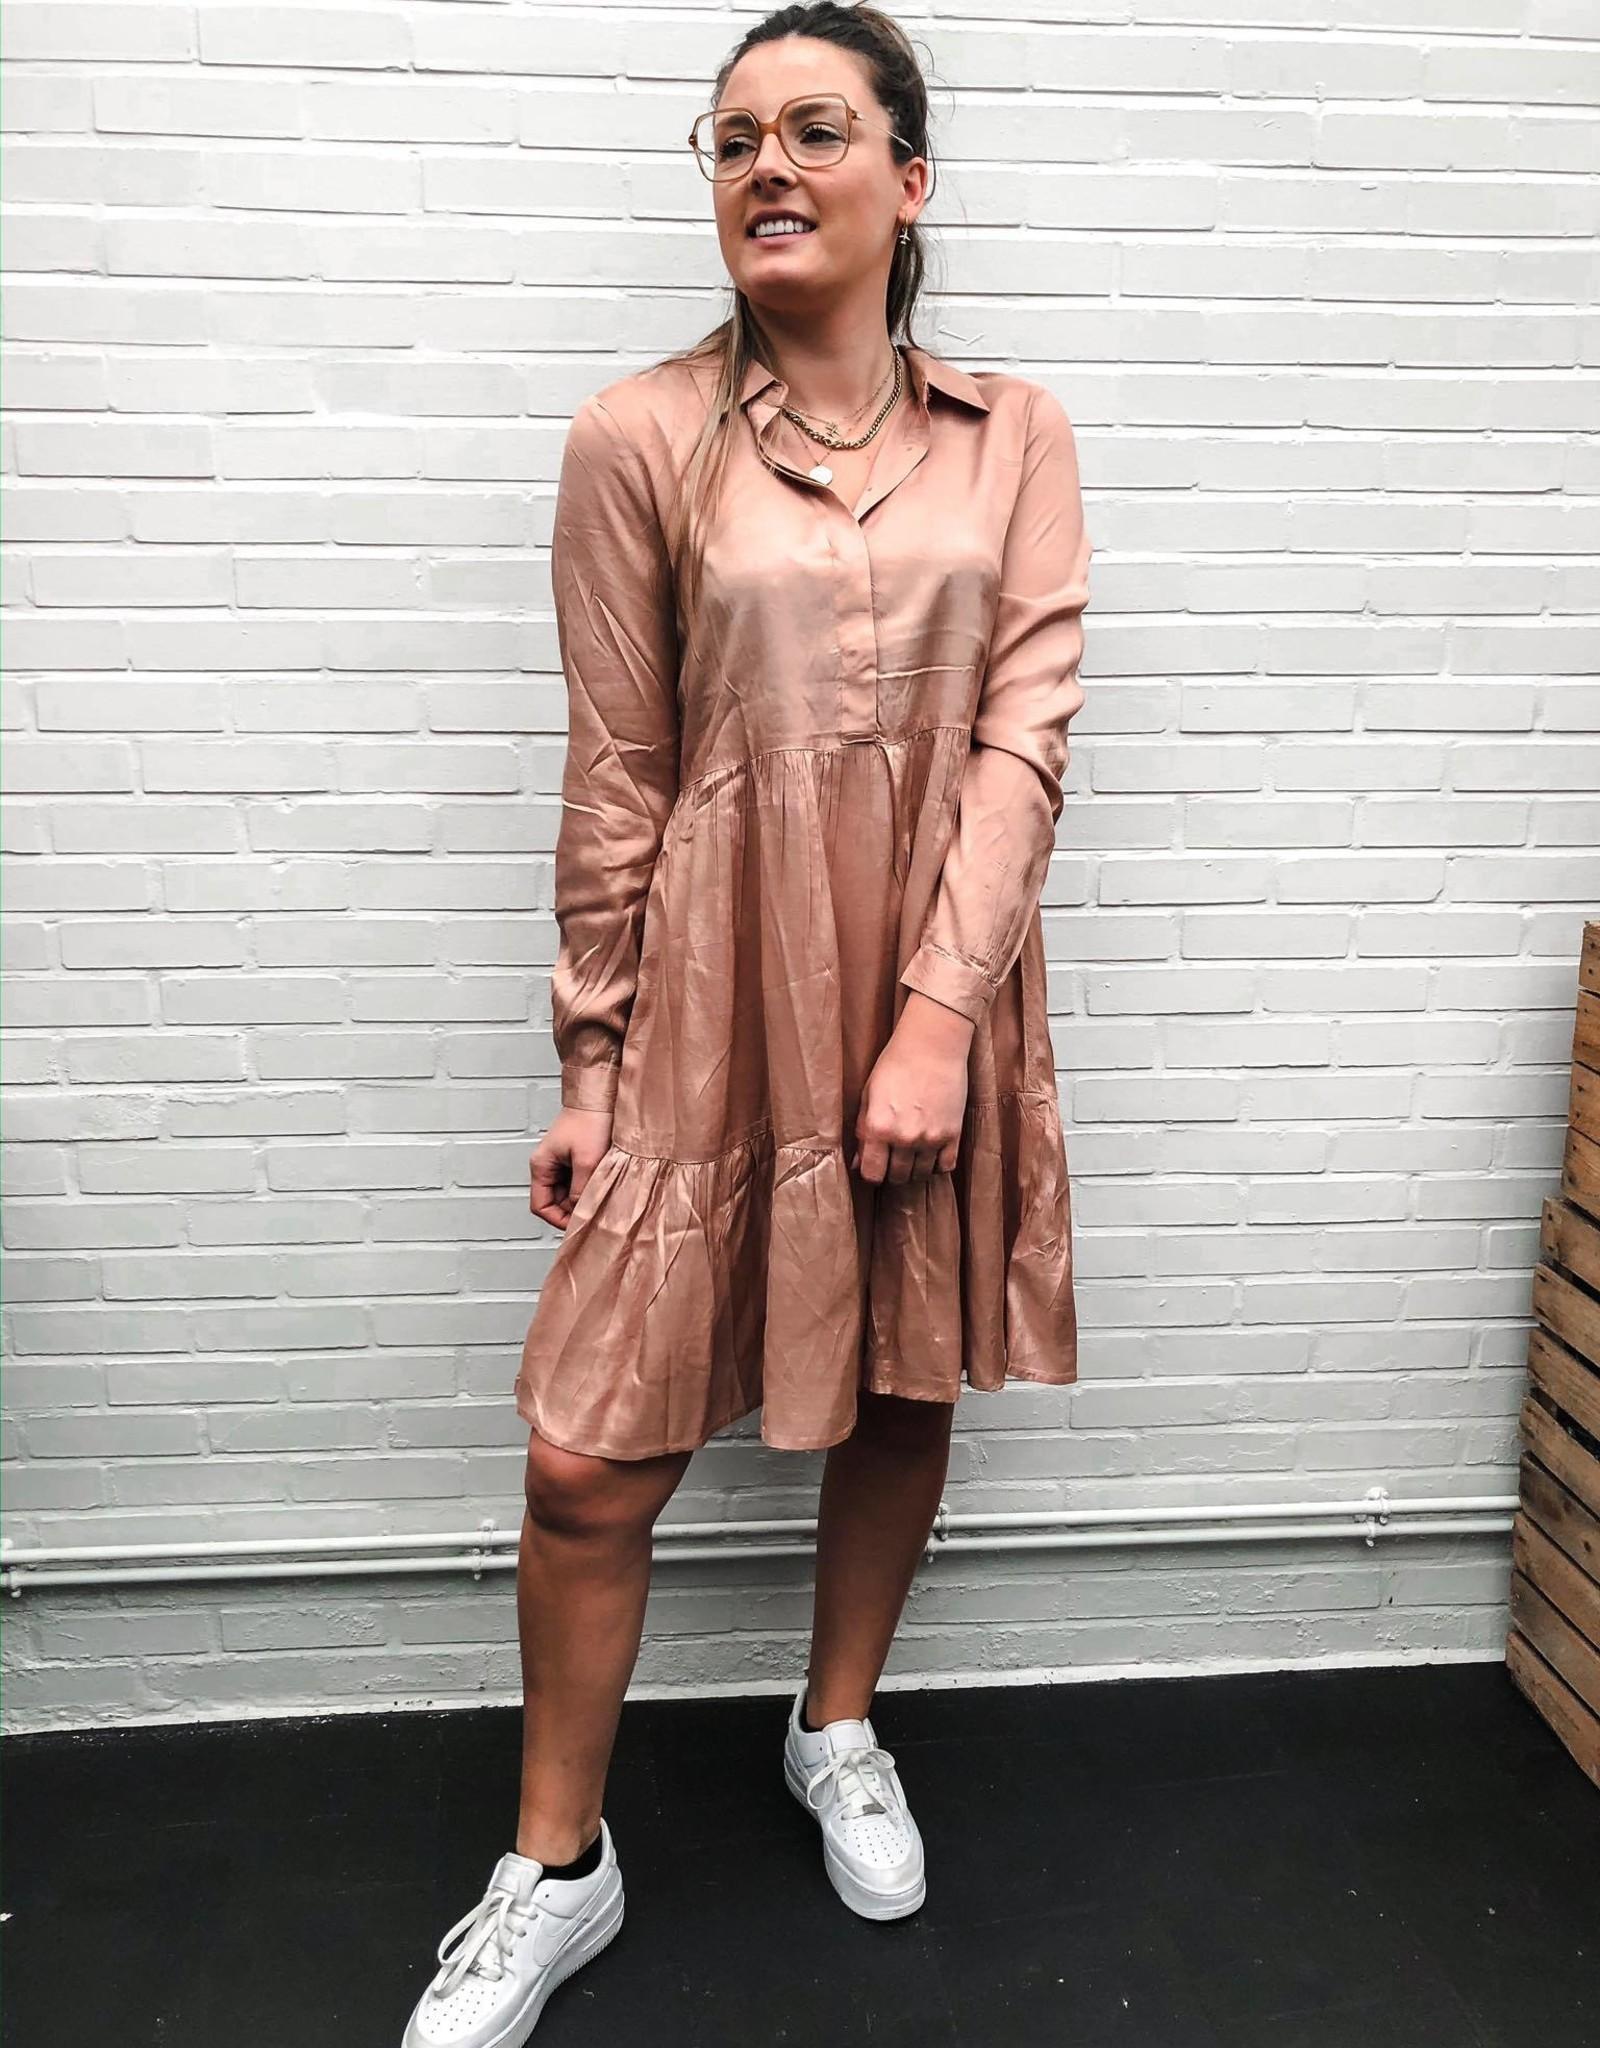 KAdenike dress Roebuck